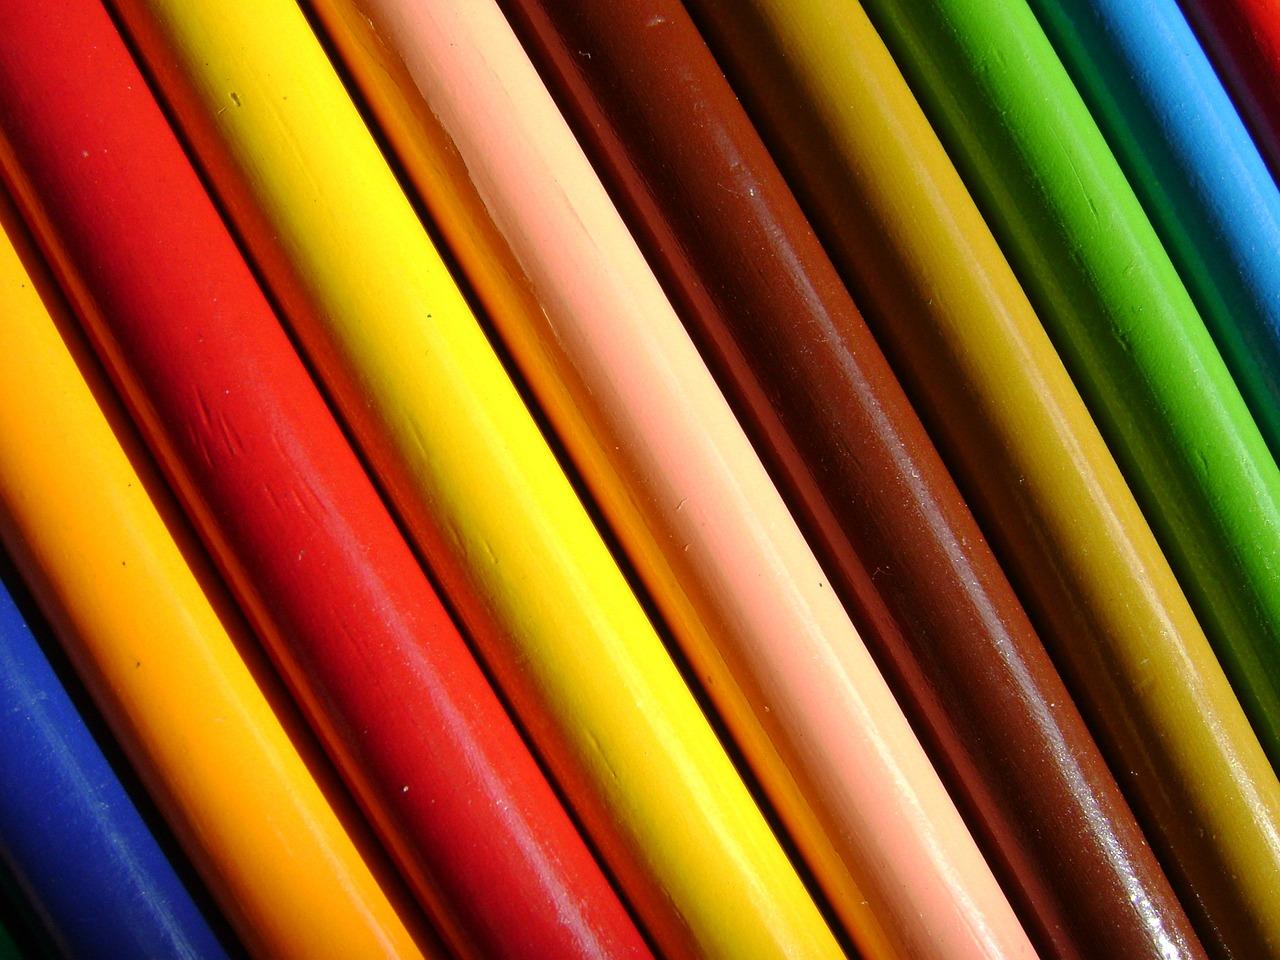 Włoskie imiona oznaczające kolory